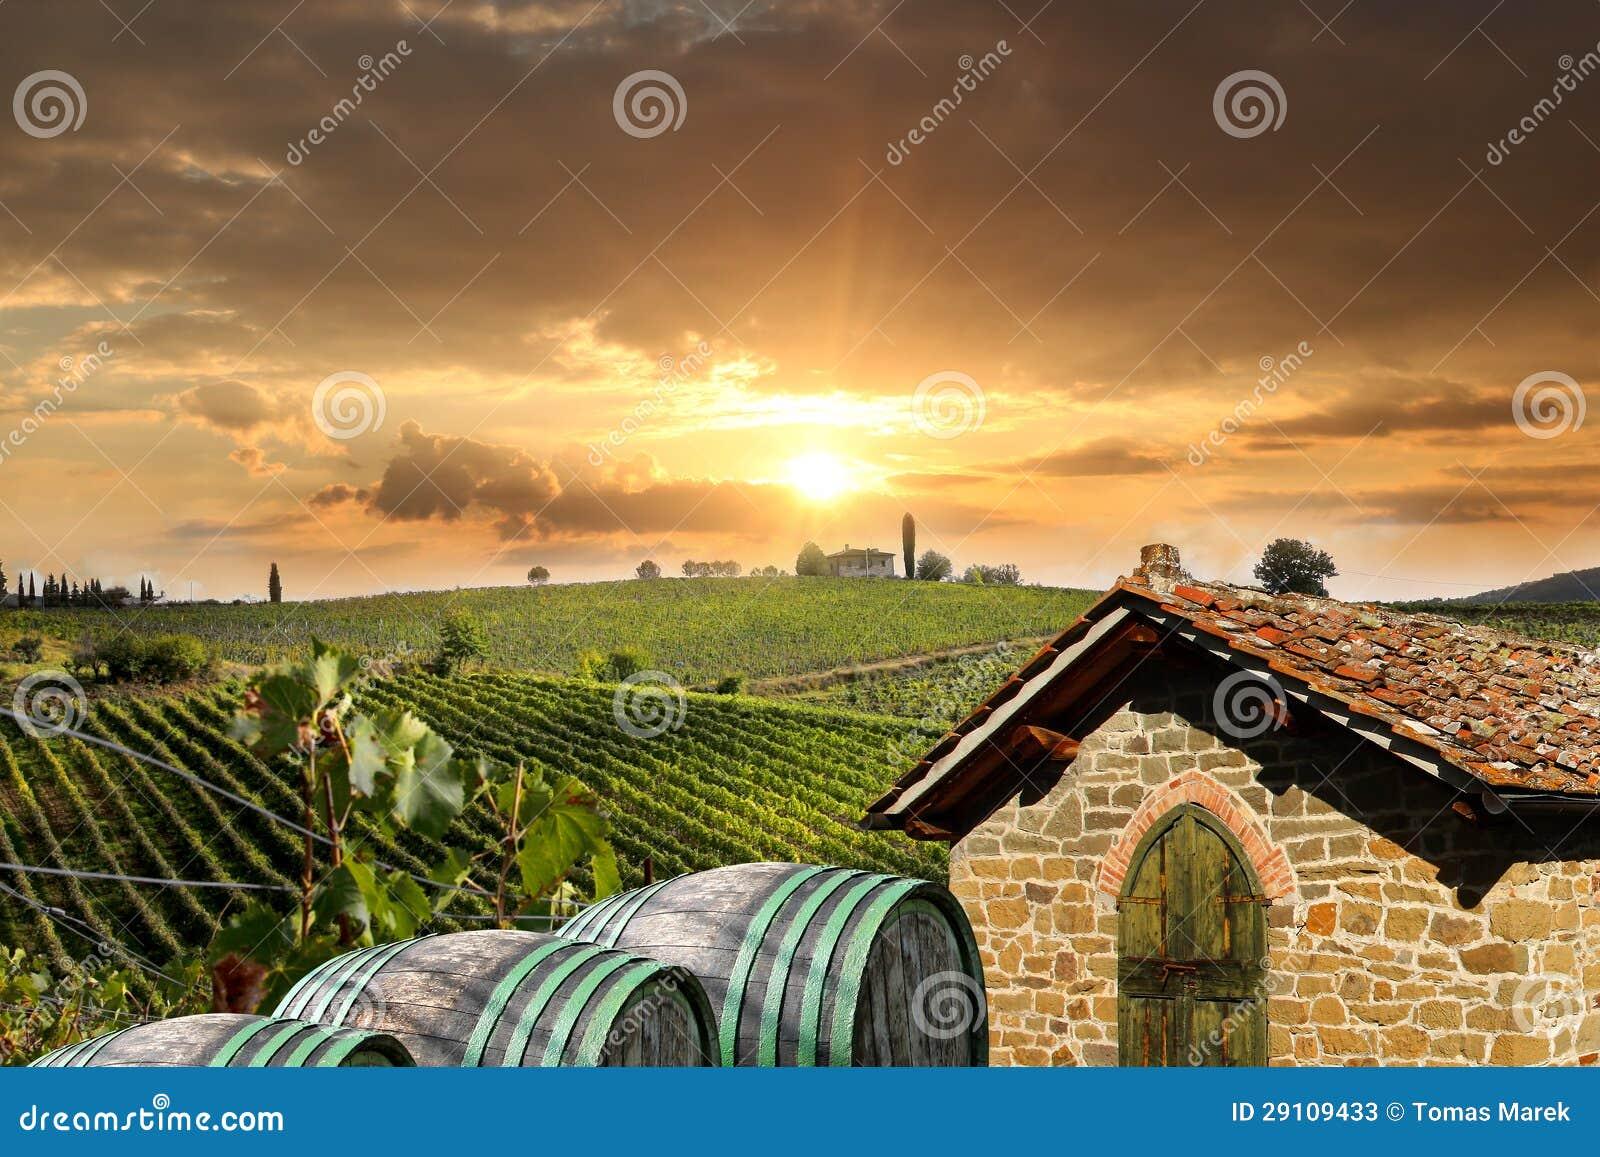 Vineyeard w Chianti, Tuscany, Włochy, sławne ziemie